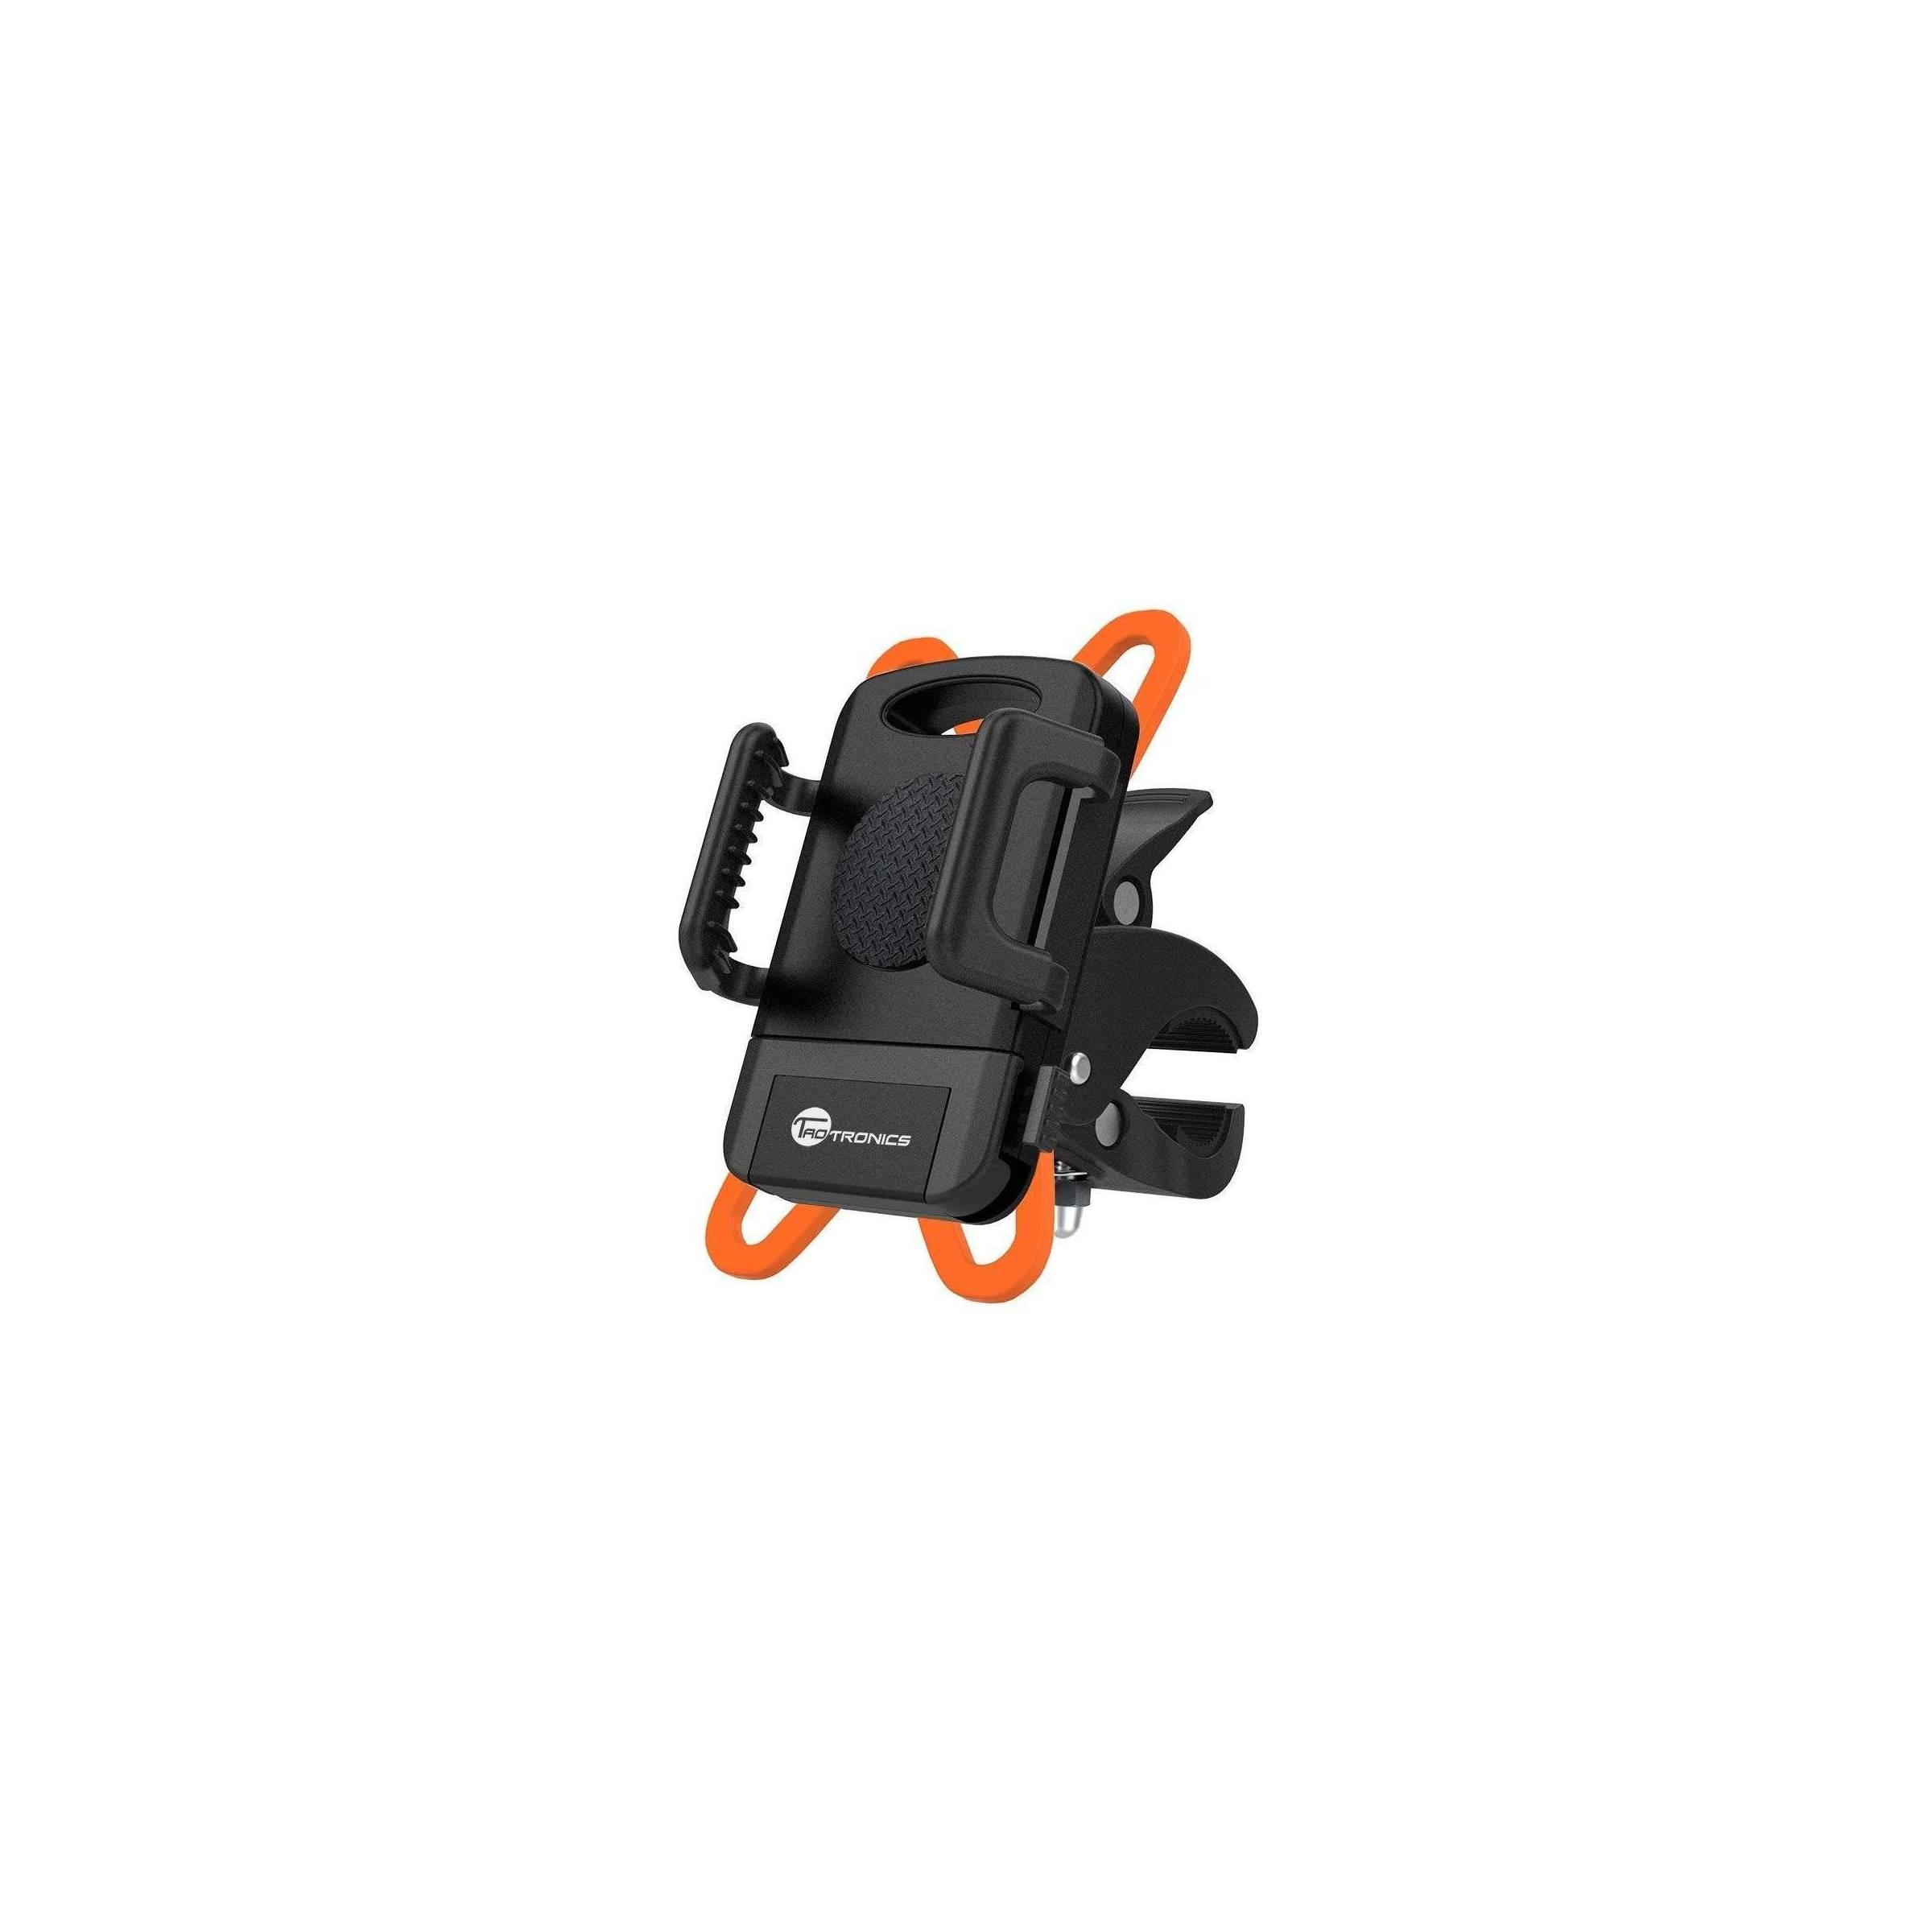 taotronics – Taotronics mobilholder til cykel og barnevogn på mackabler.dk